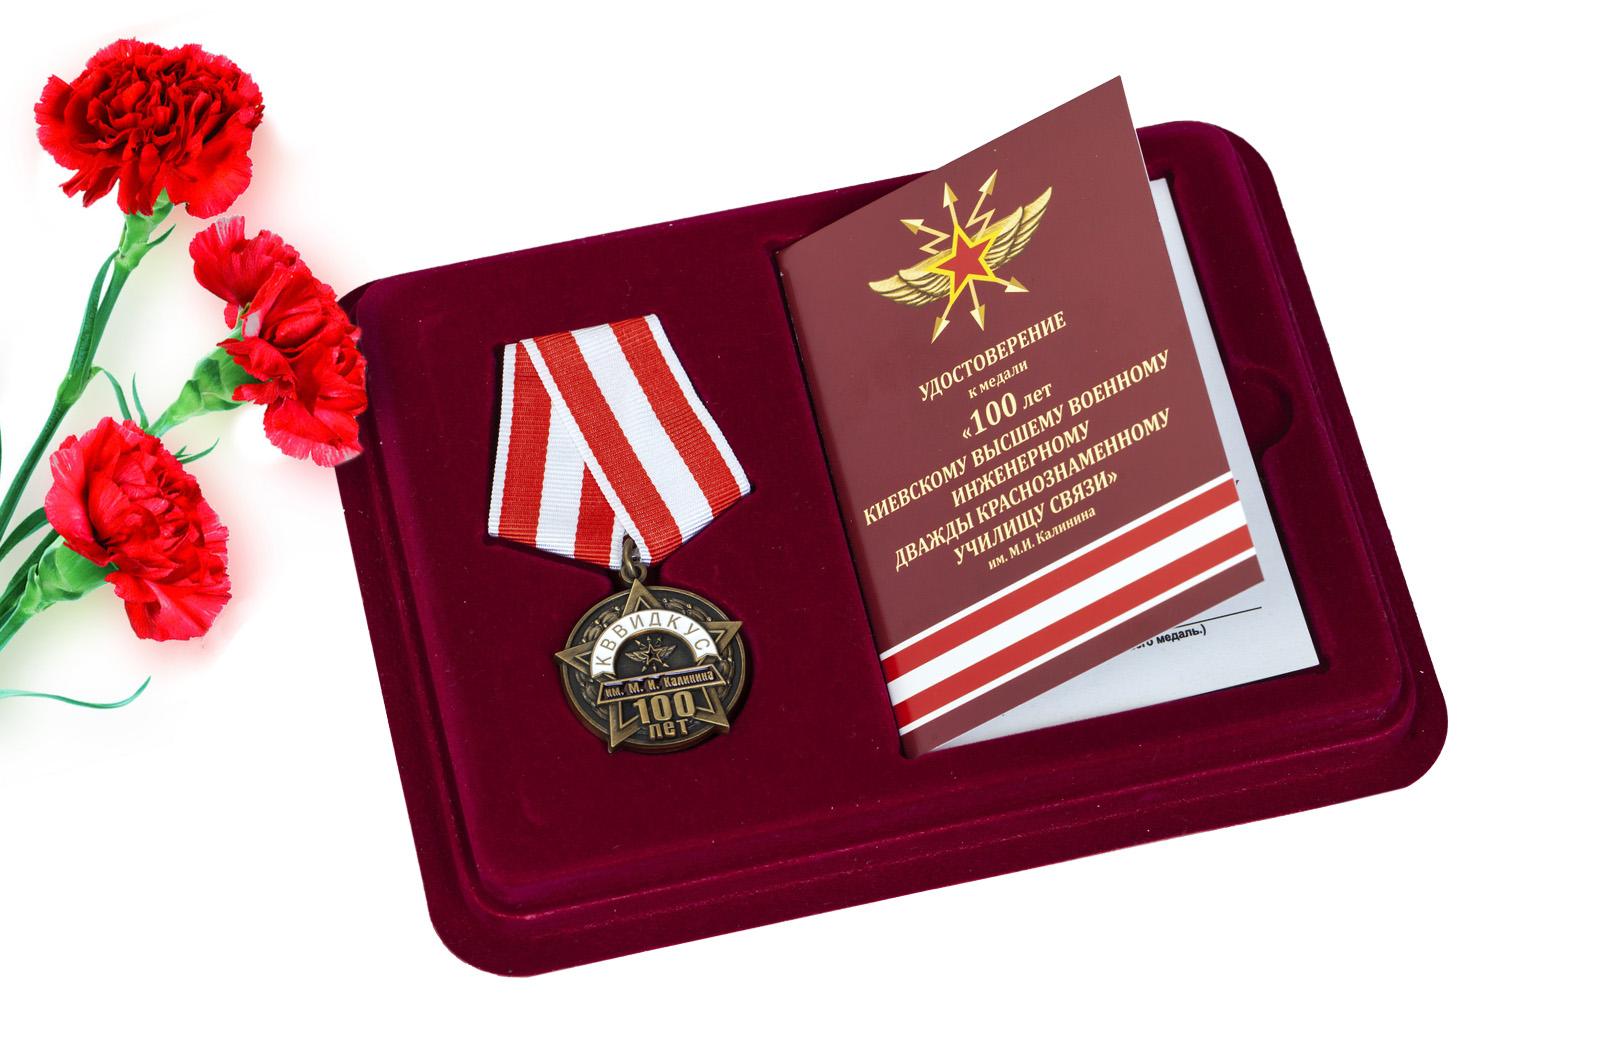 Купить медаль 100 лет КВВИДКУС по выгодной цене